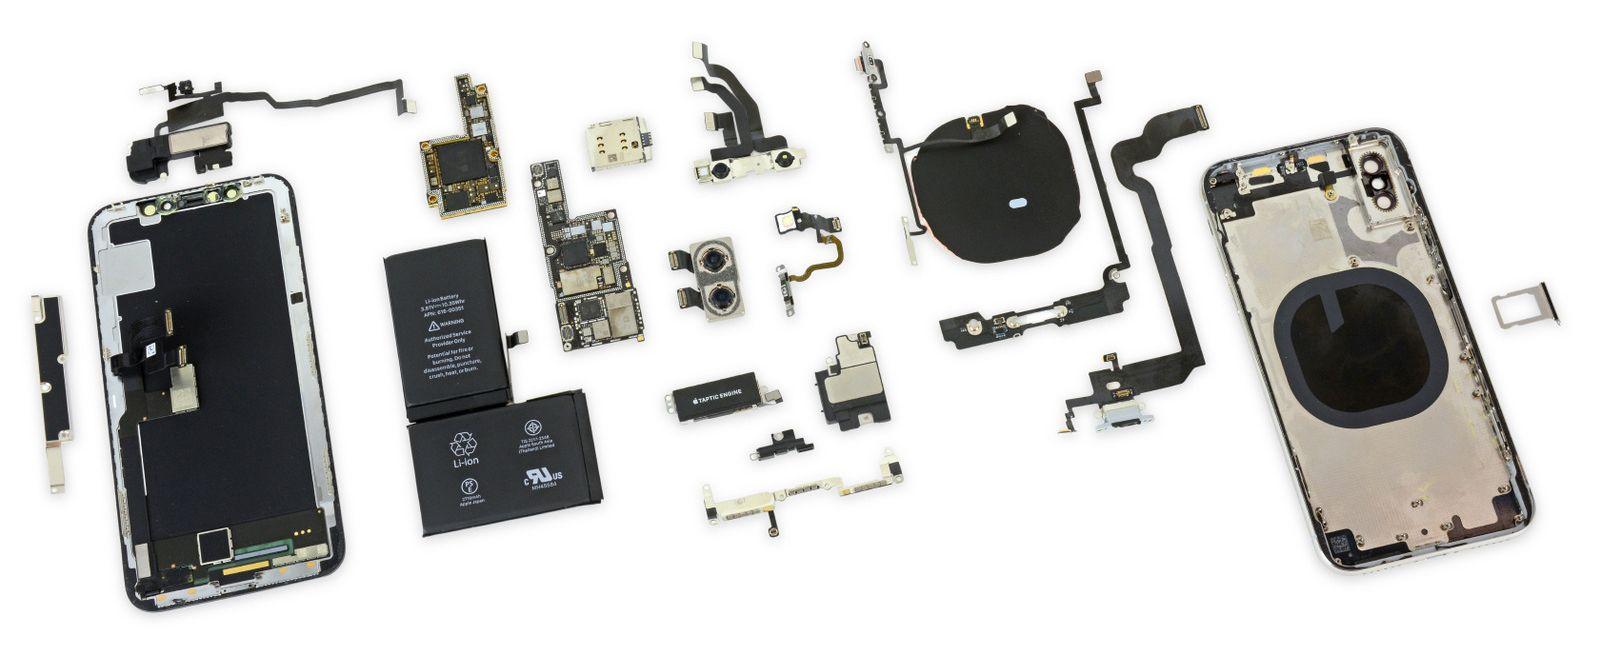 Profesjonalny serwis Apple w Szczecinie zajmie się naprawą zbitej szybki w Twoim iPhonie.